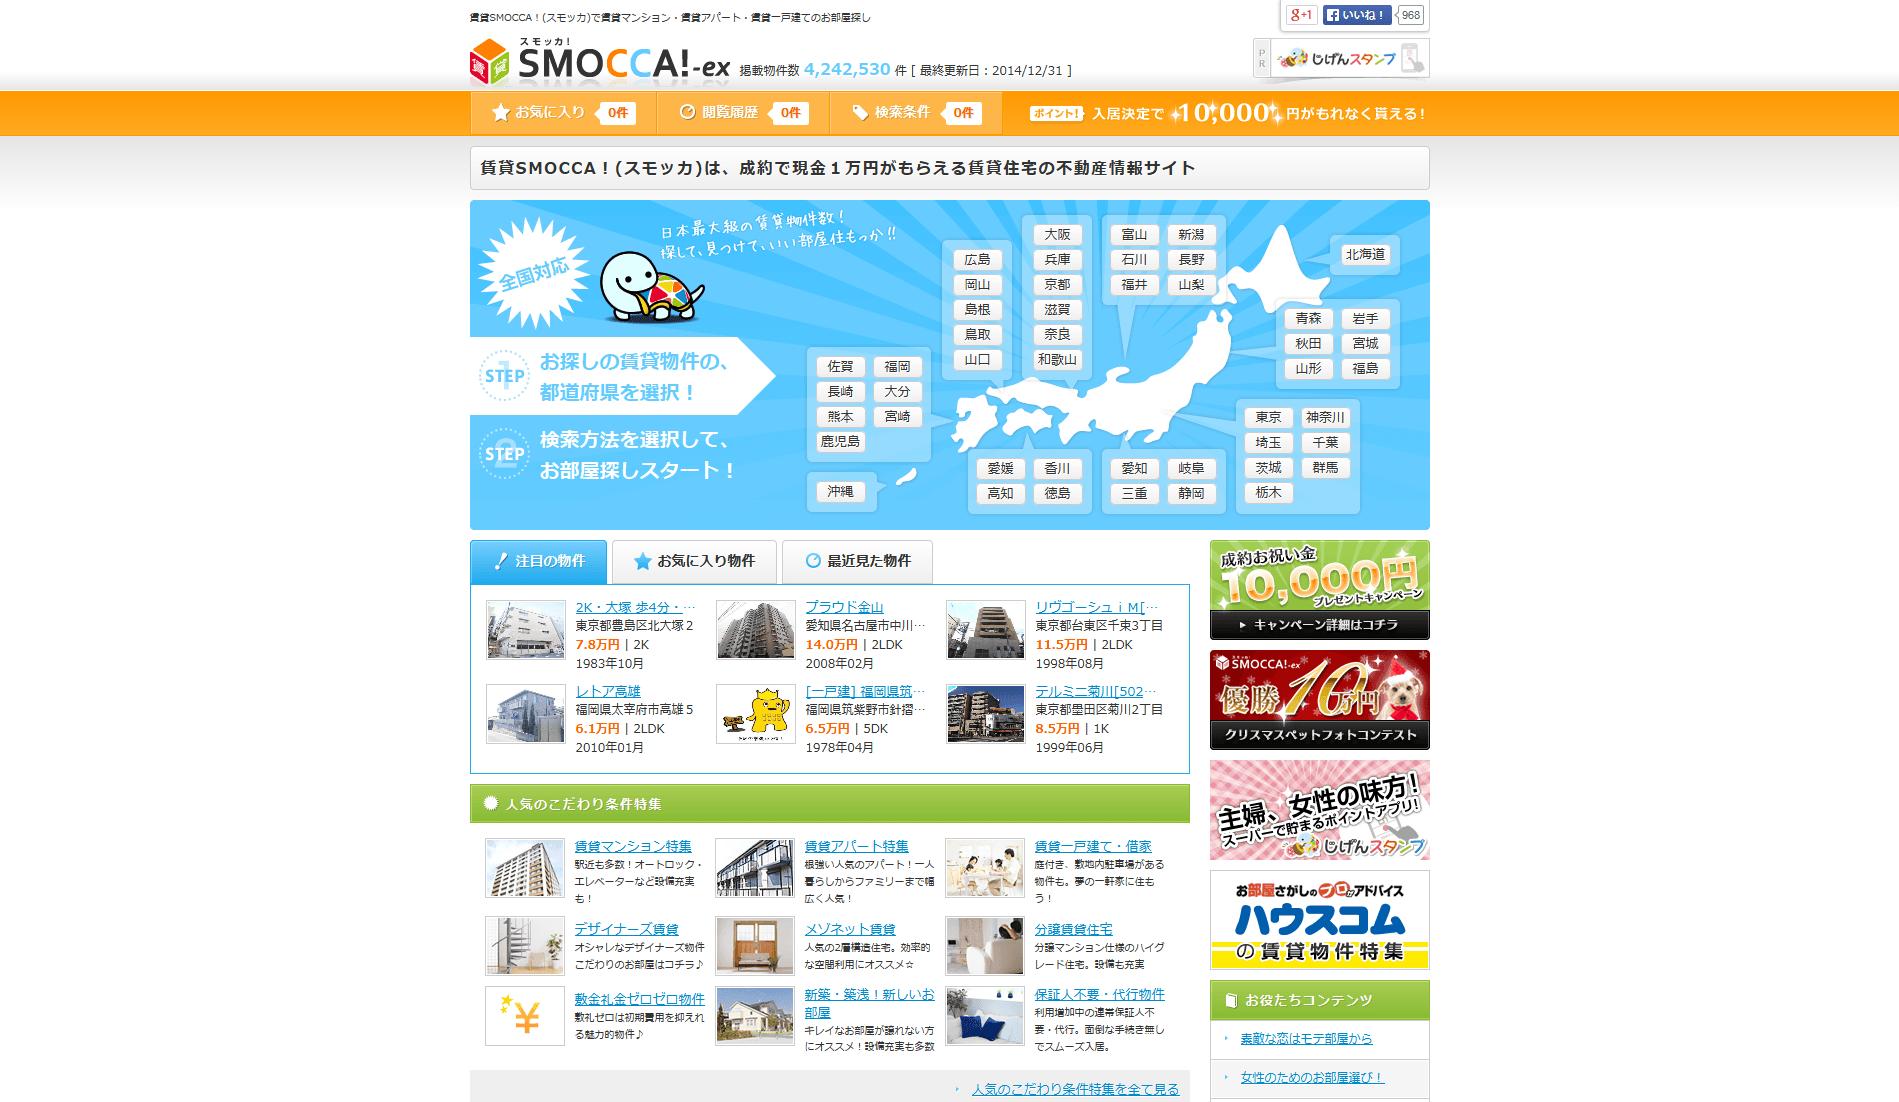 賃貸SMOCCA!-スモッカは【成約で1万円もらえる】賃貸物件情報